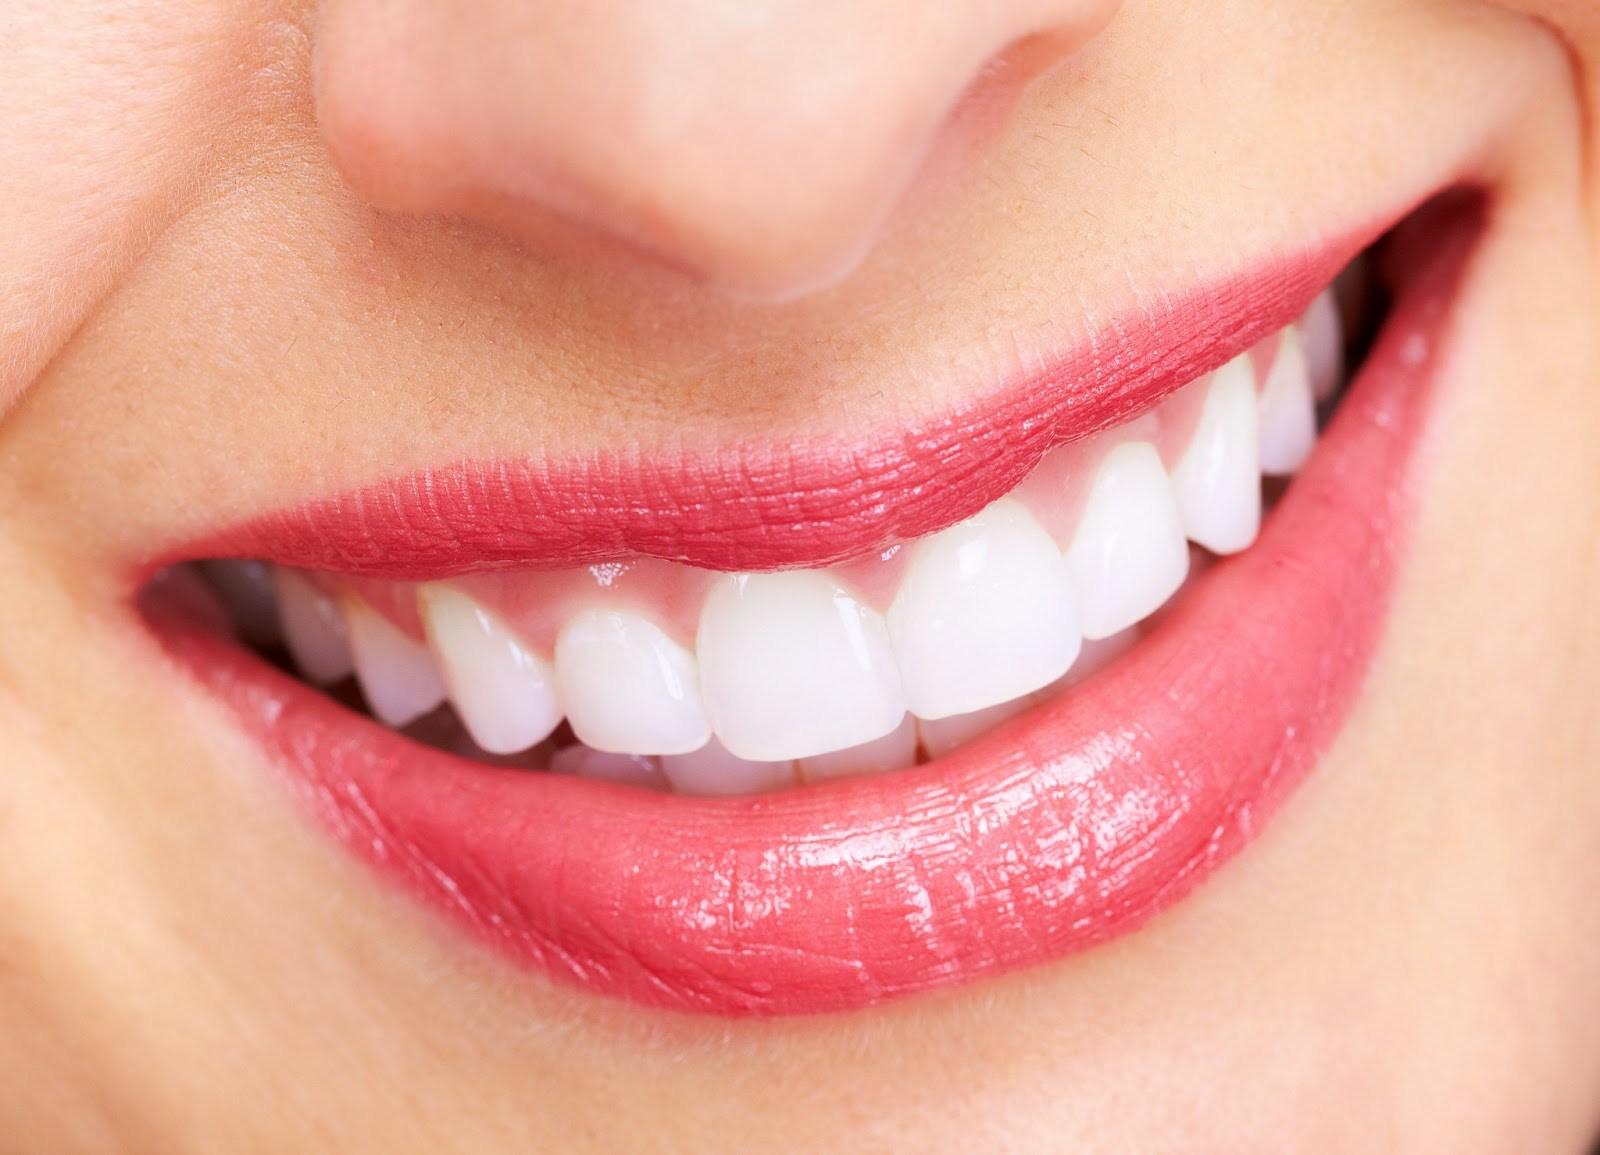 Kết quả hình ảnh cho Những tùy chọn thay thế răng có thể phù họp với bạn